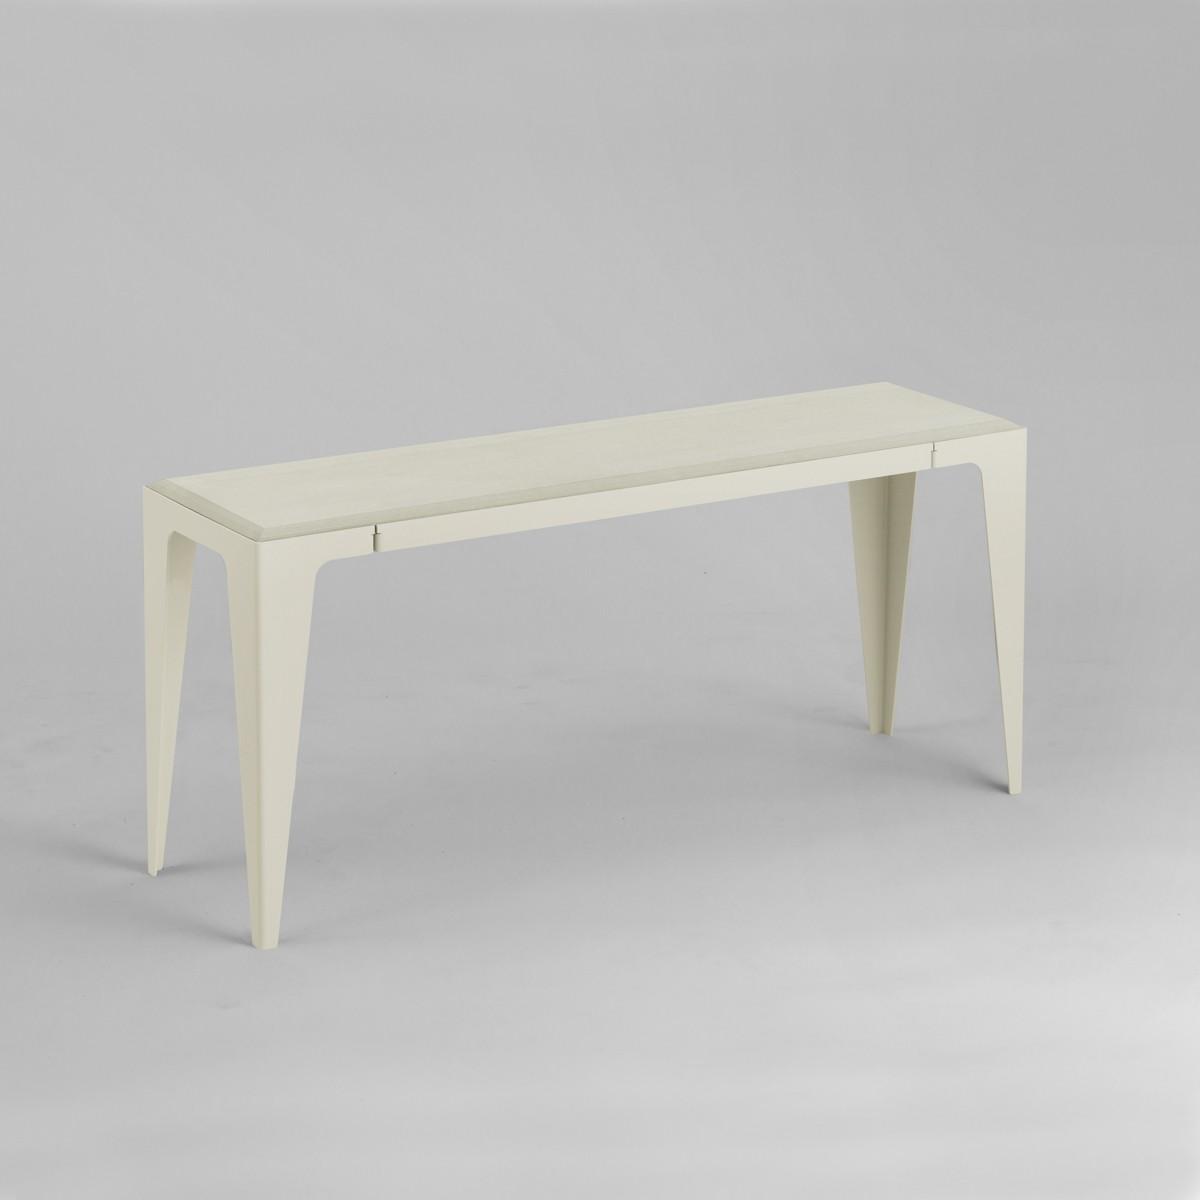 BANK |CHAMFER| Seiden-Grau | nachhaltiges Möbeldesign | WYE